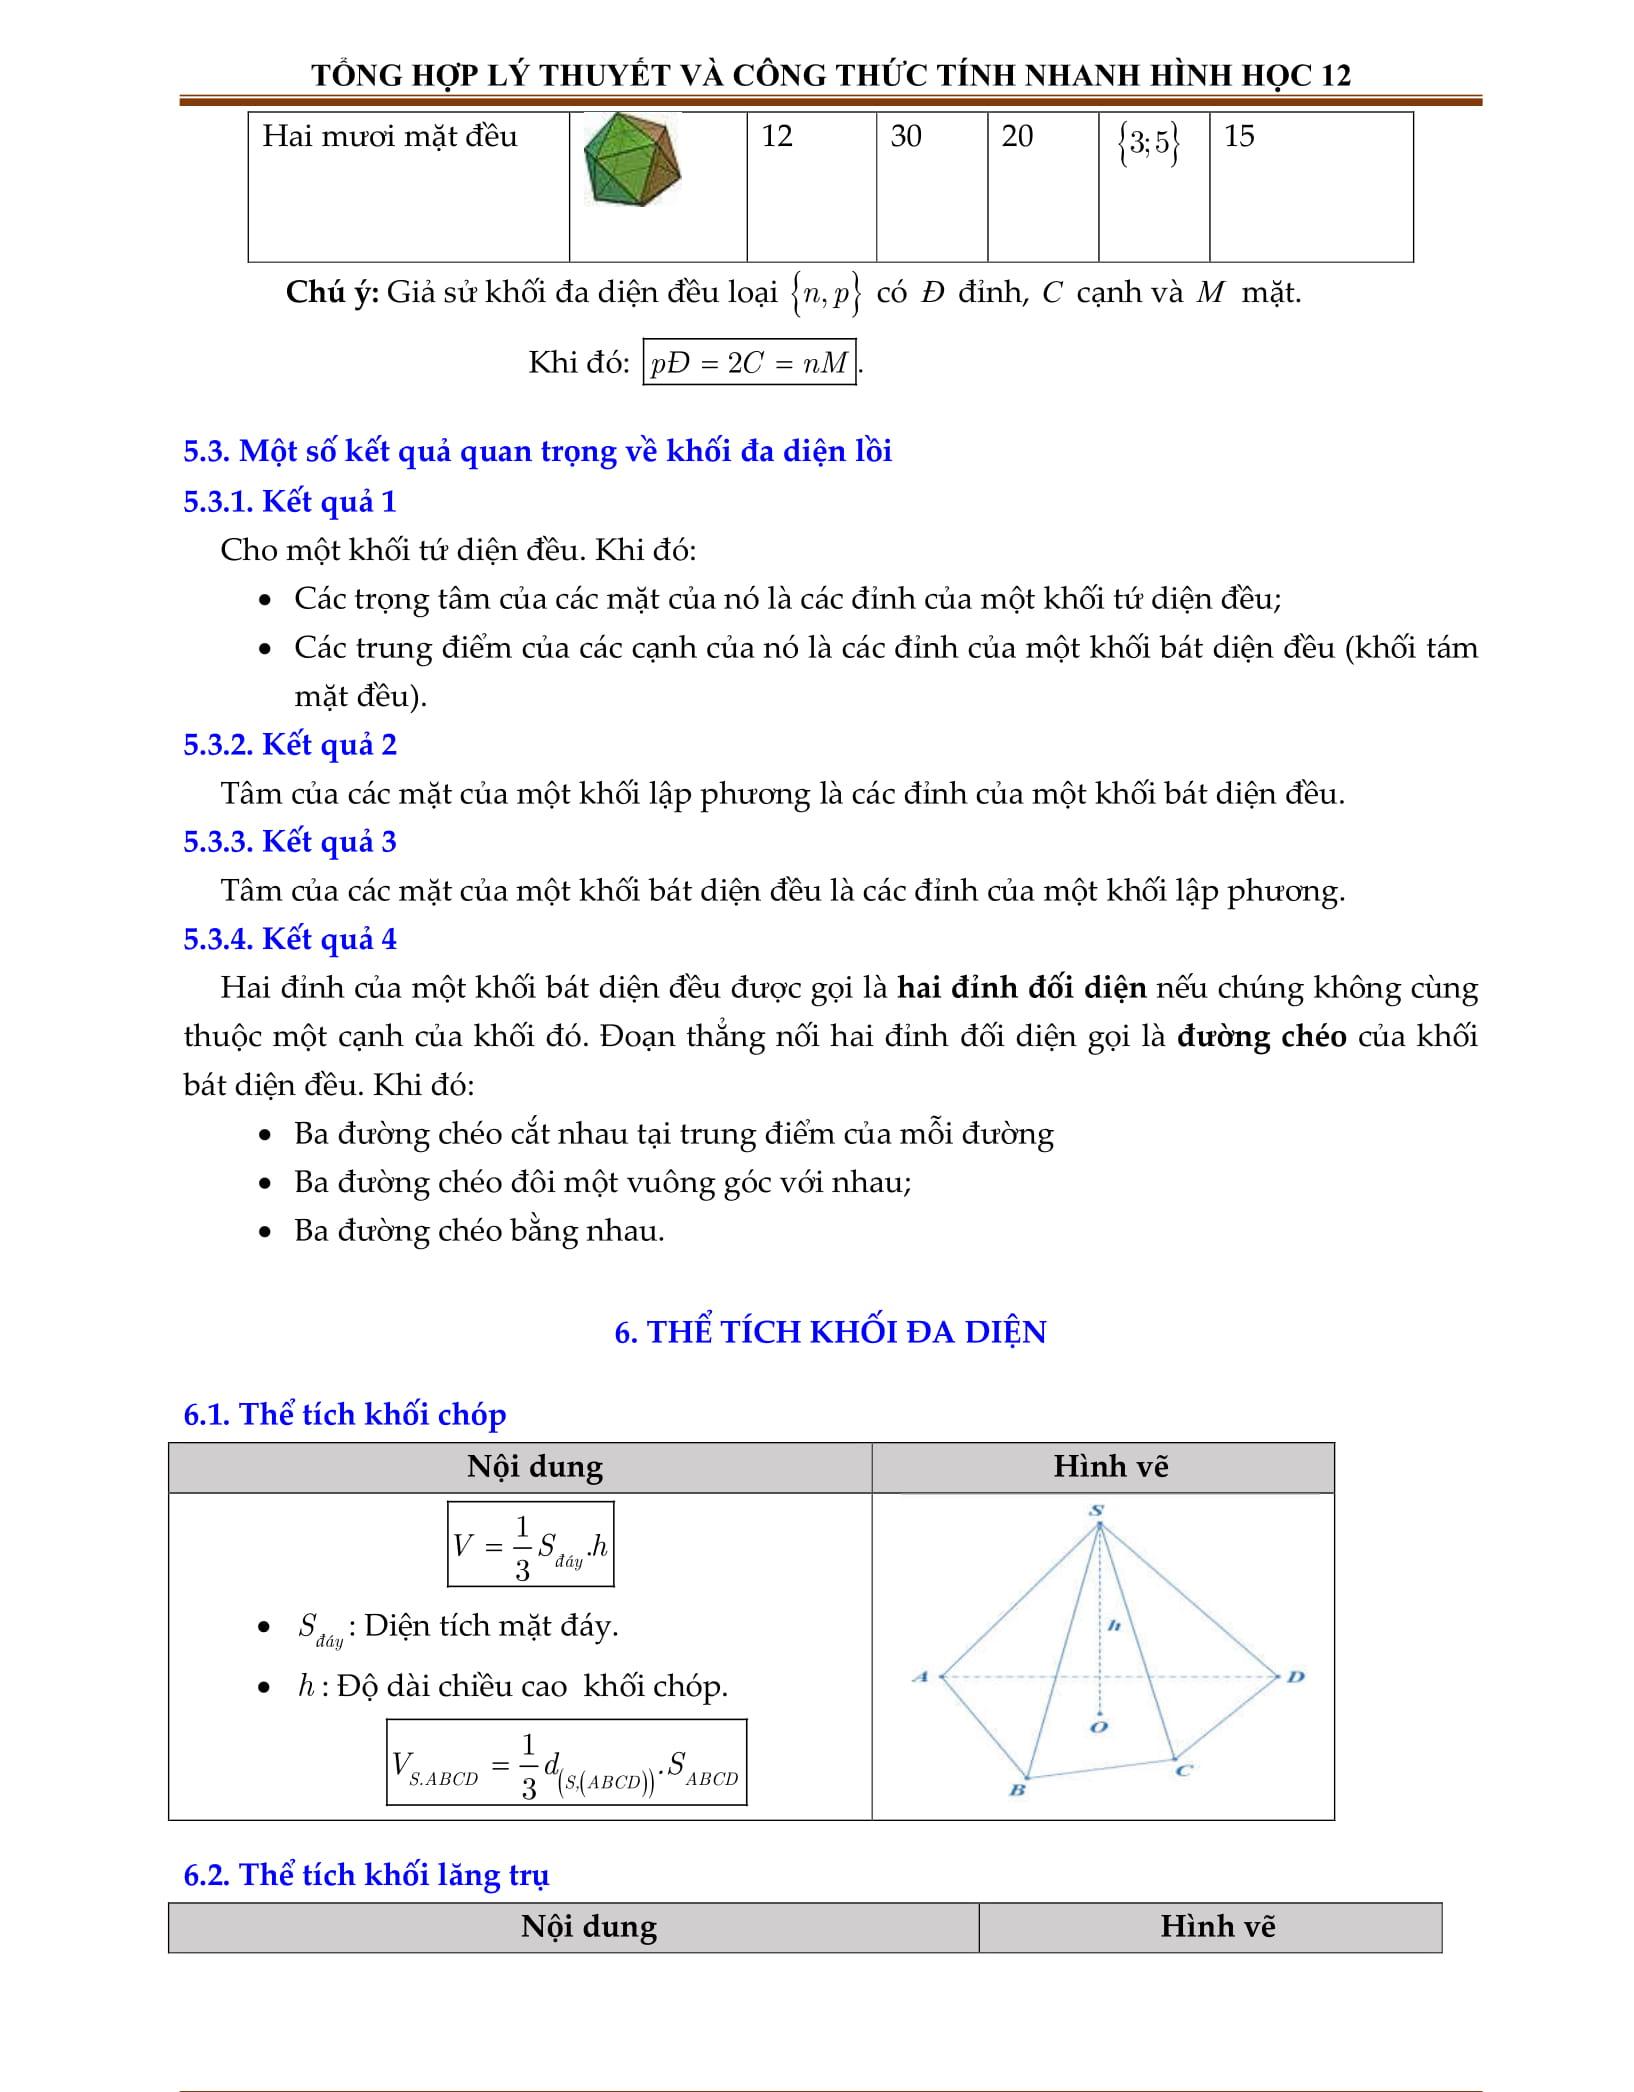 Công thức toán hình 12 và phương pháp giải nhanh hiệu quả